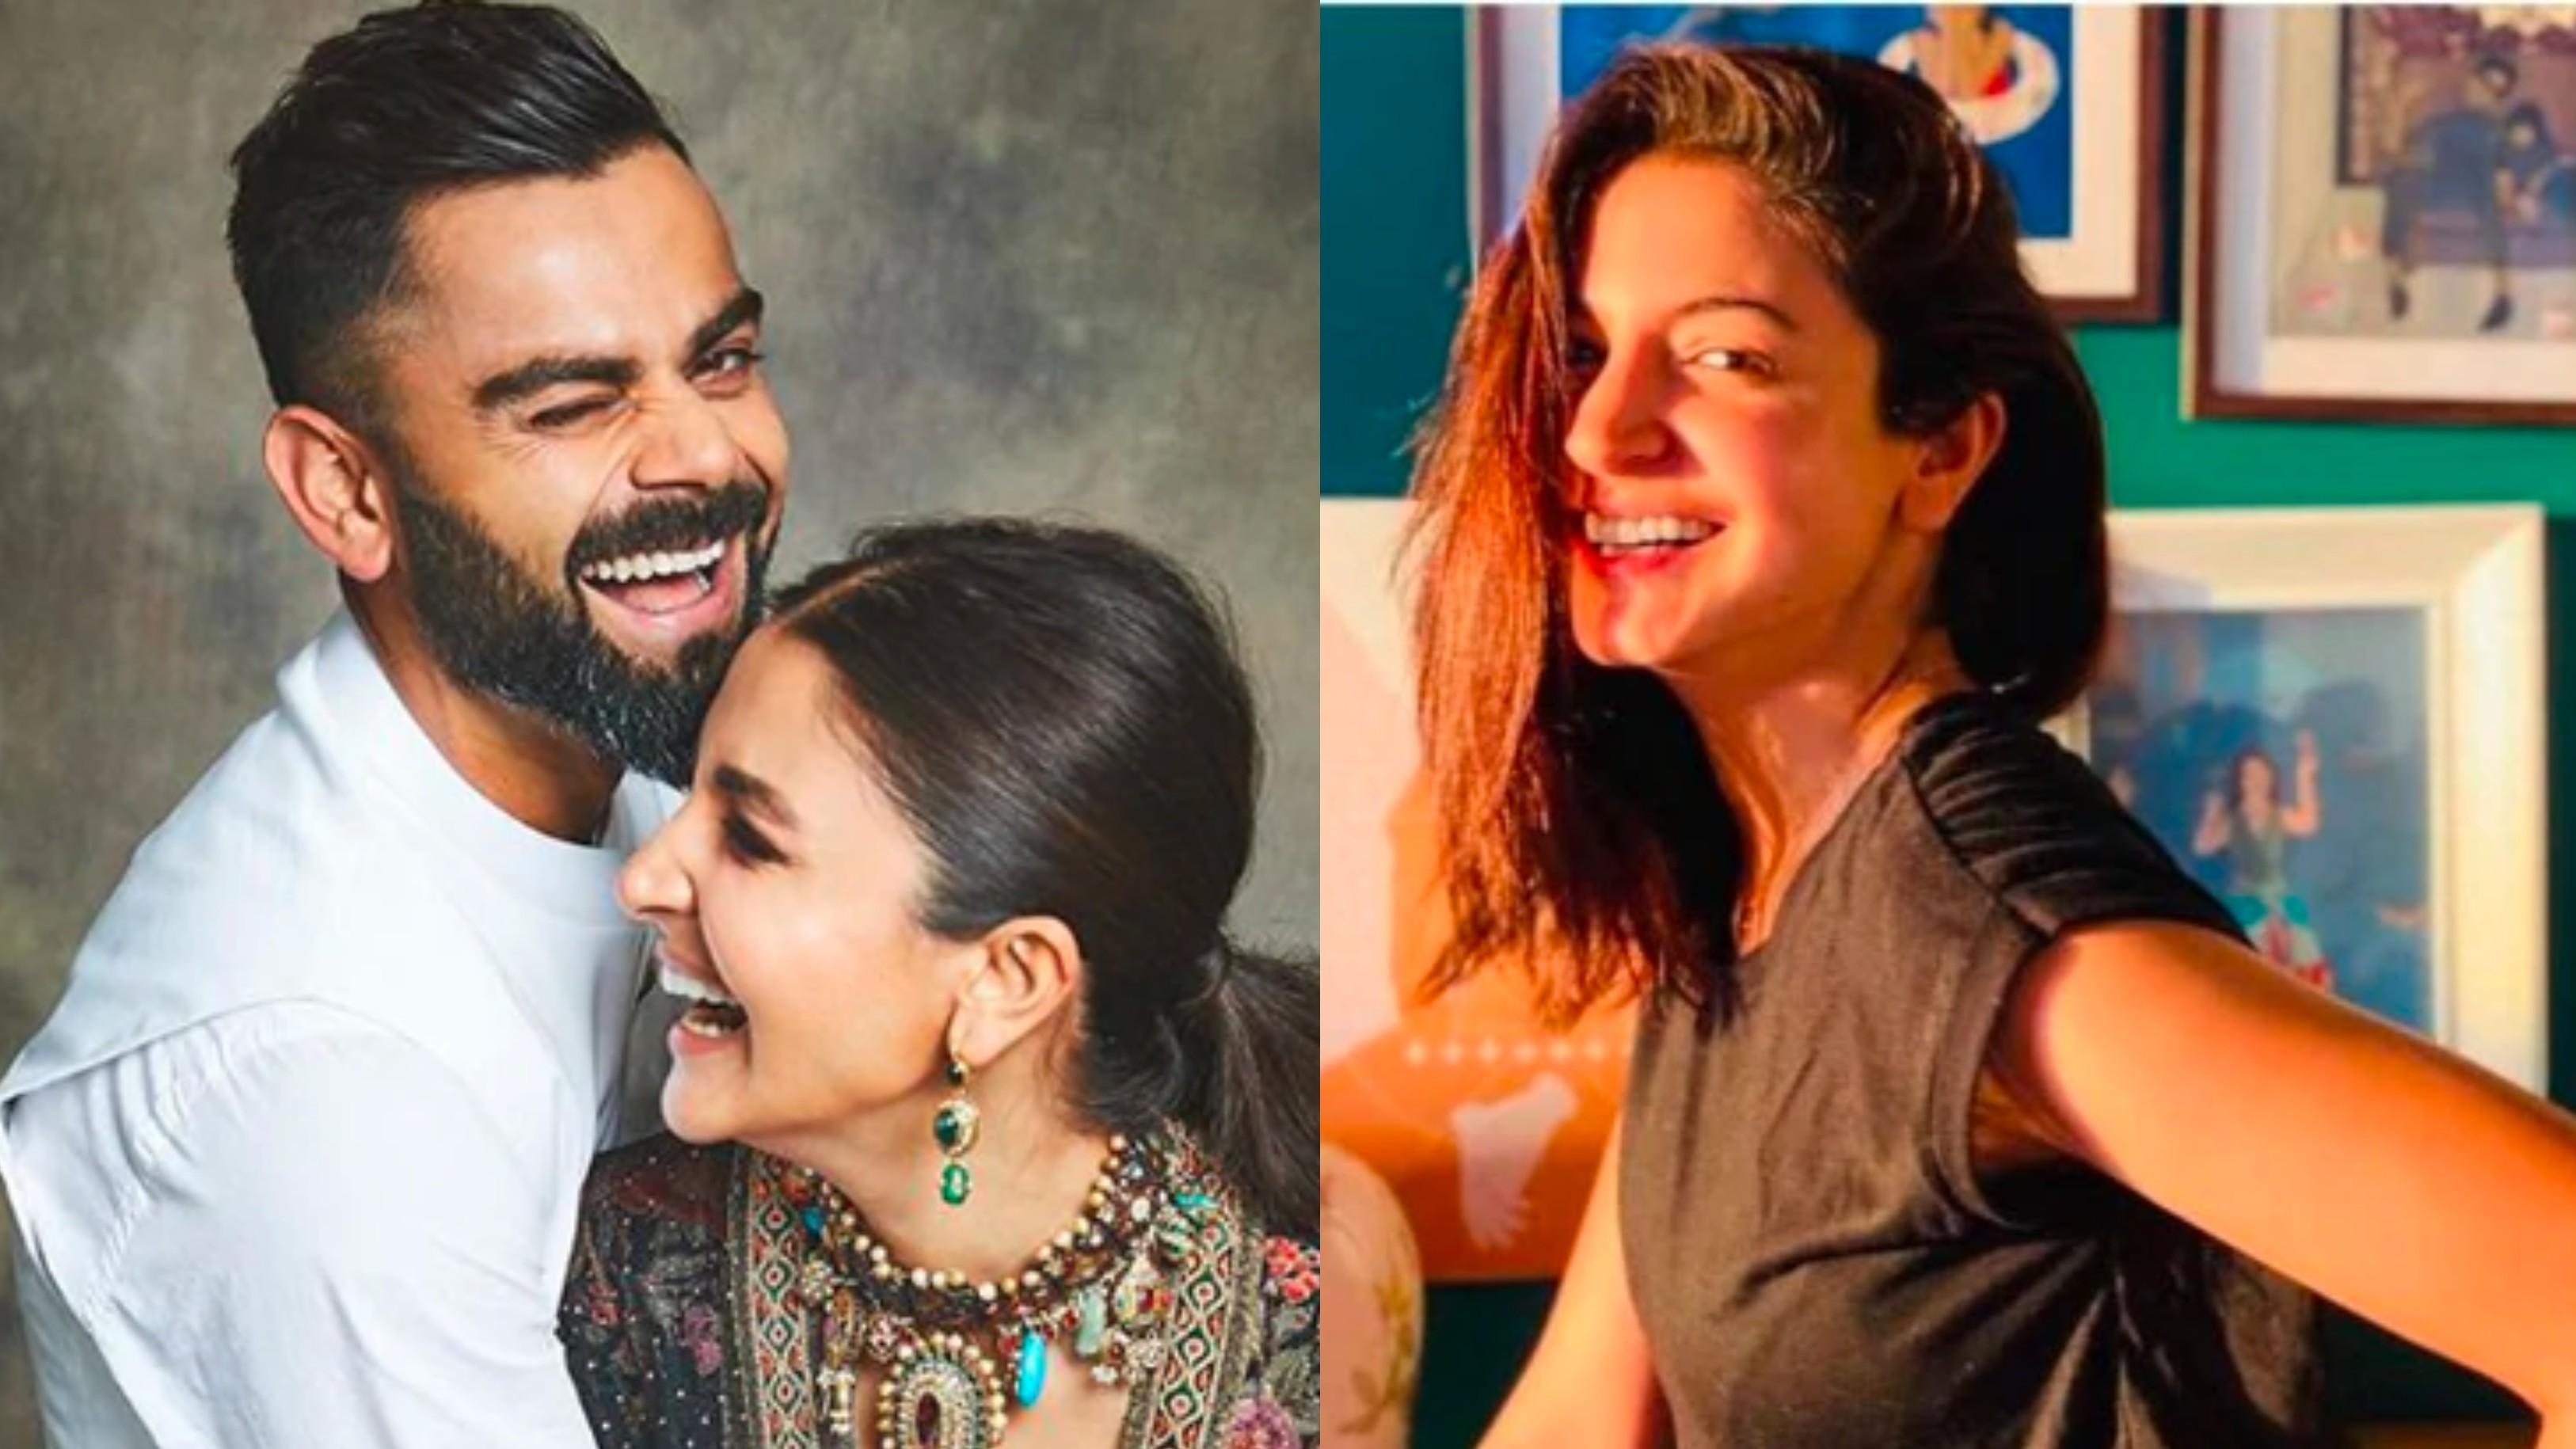 Virat Kohli calls Anushka Sharma